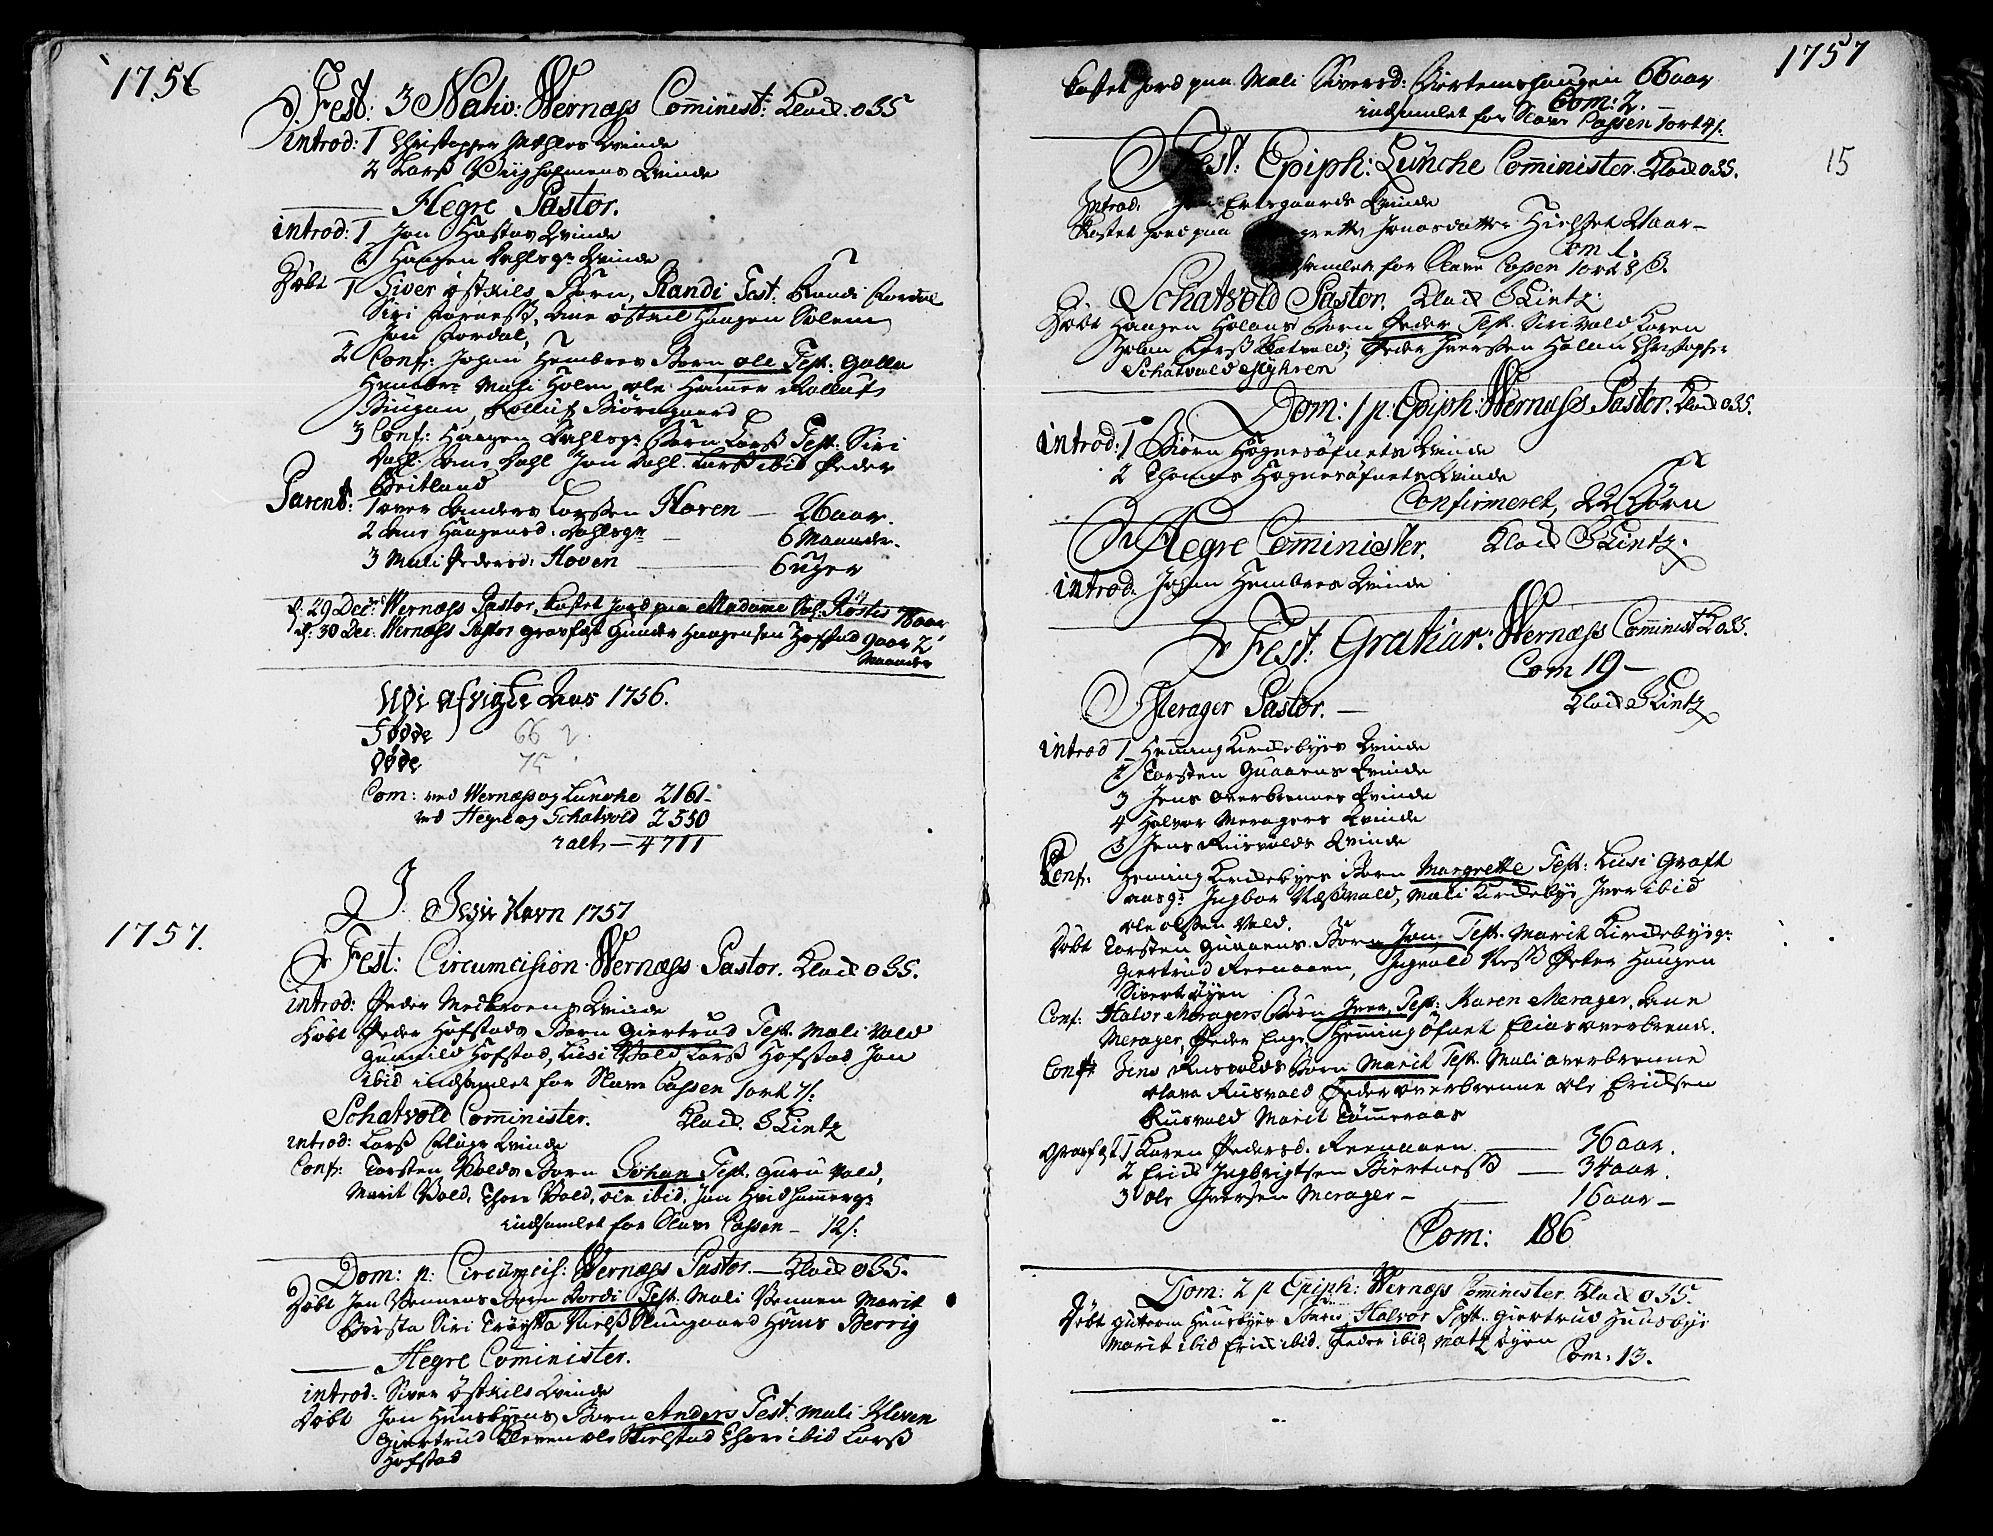 SAT, Ministerialprotokoller, klokkerbøker og fødselsregistre - Nord-Trøndelag, 709/L0057: Ministerialbok nr. 709A05, 1755-1780, s. 15